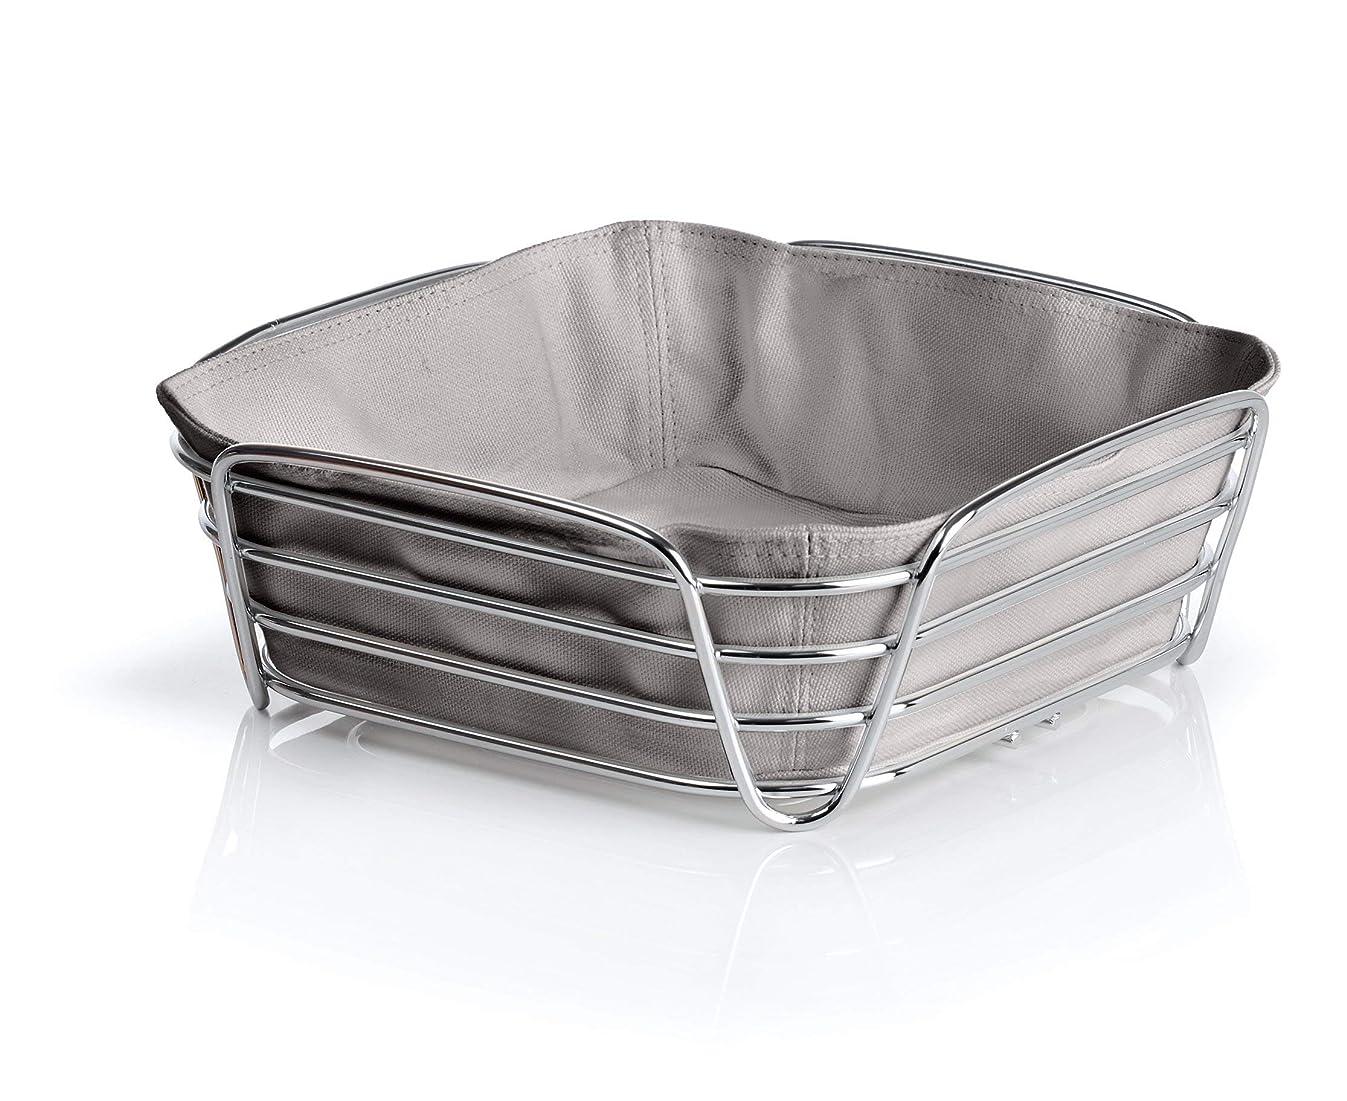 Blomus DELARA Bread Basket, Large - Taupe 63668